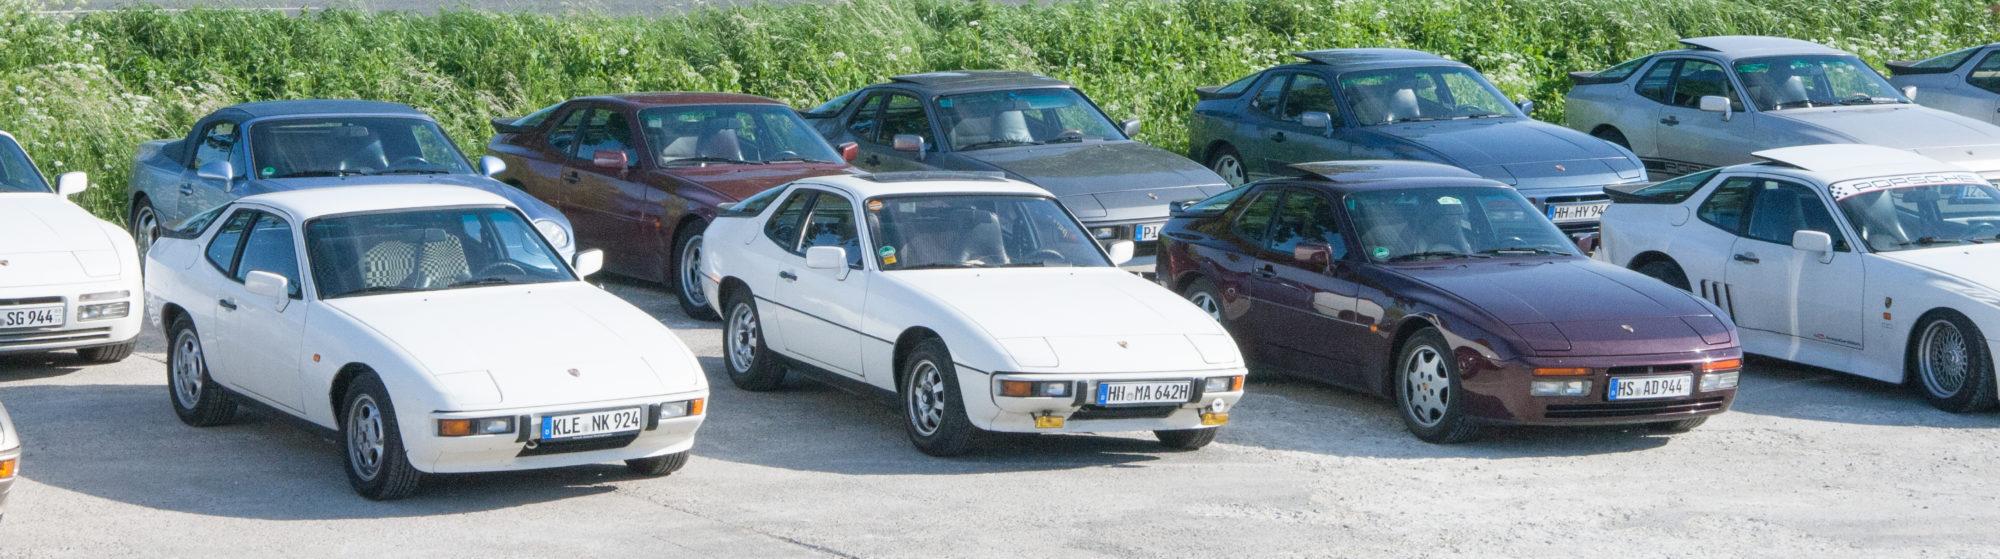 RSP-Autoteile